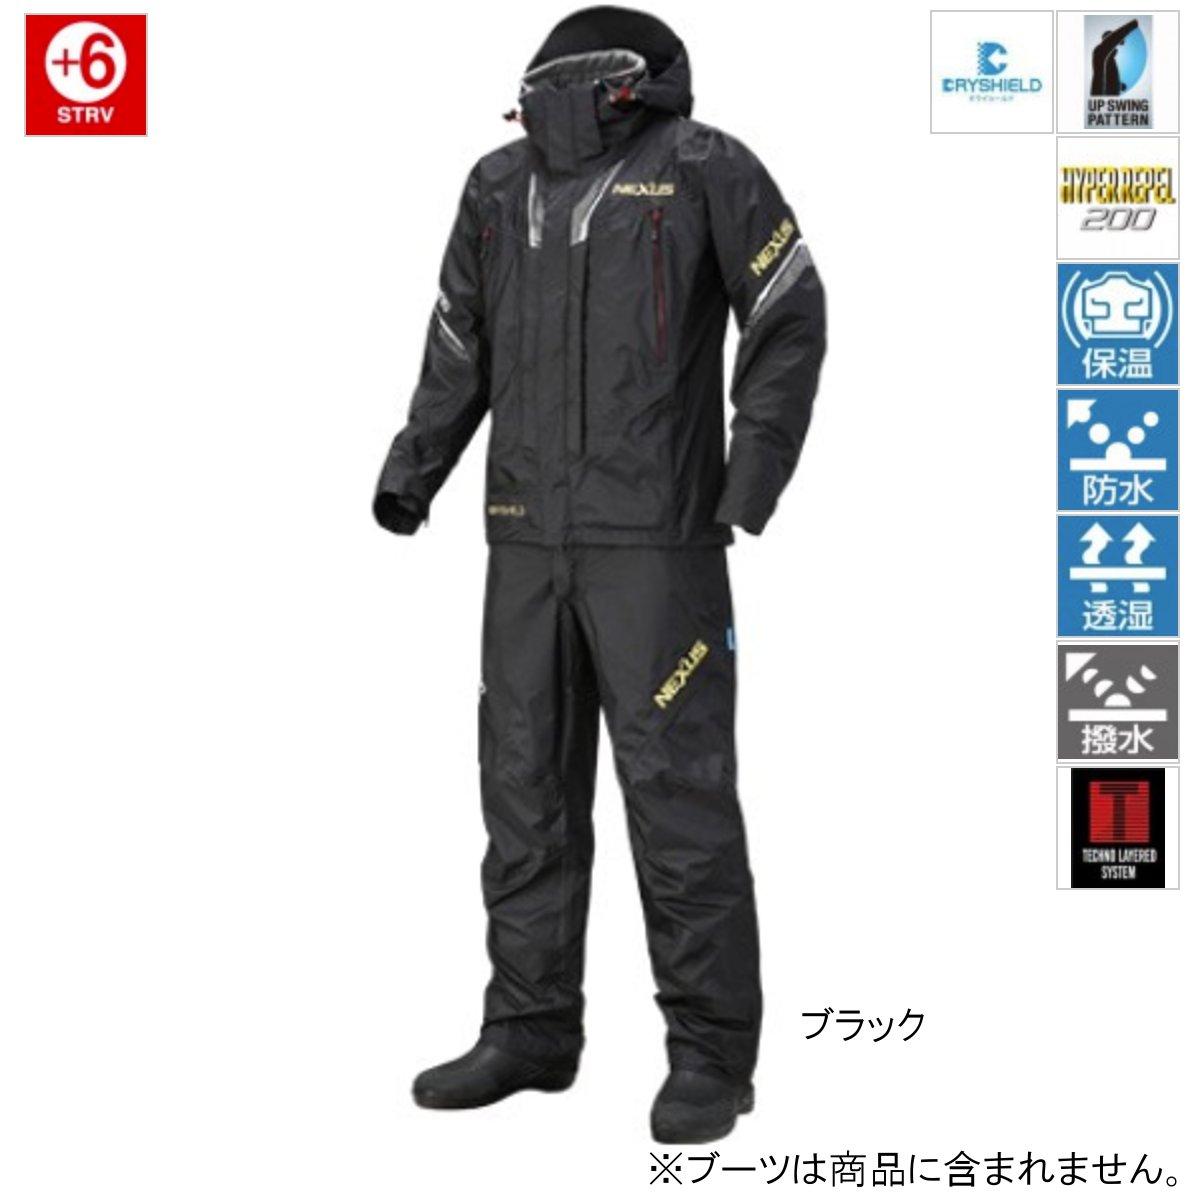 シマノ NEXUS・DSプロテクトスーツ XT RT-125R XL ブラック【送料無料】